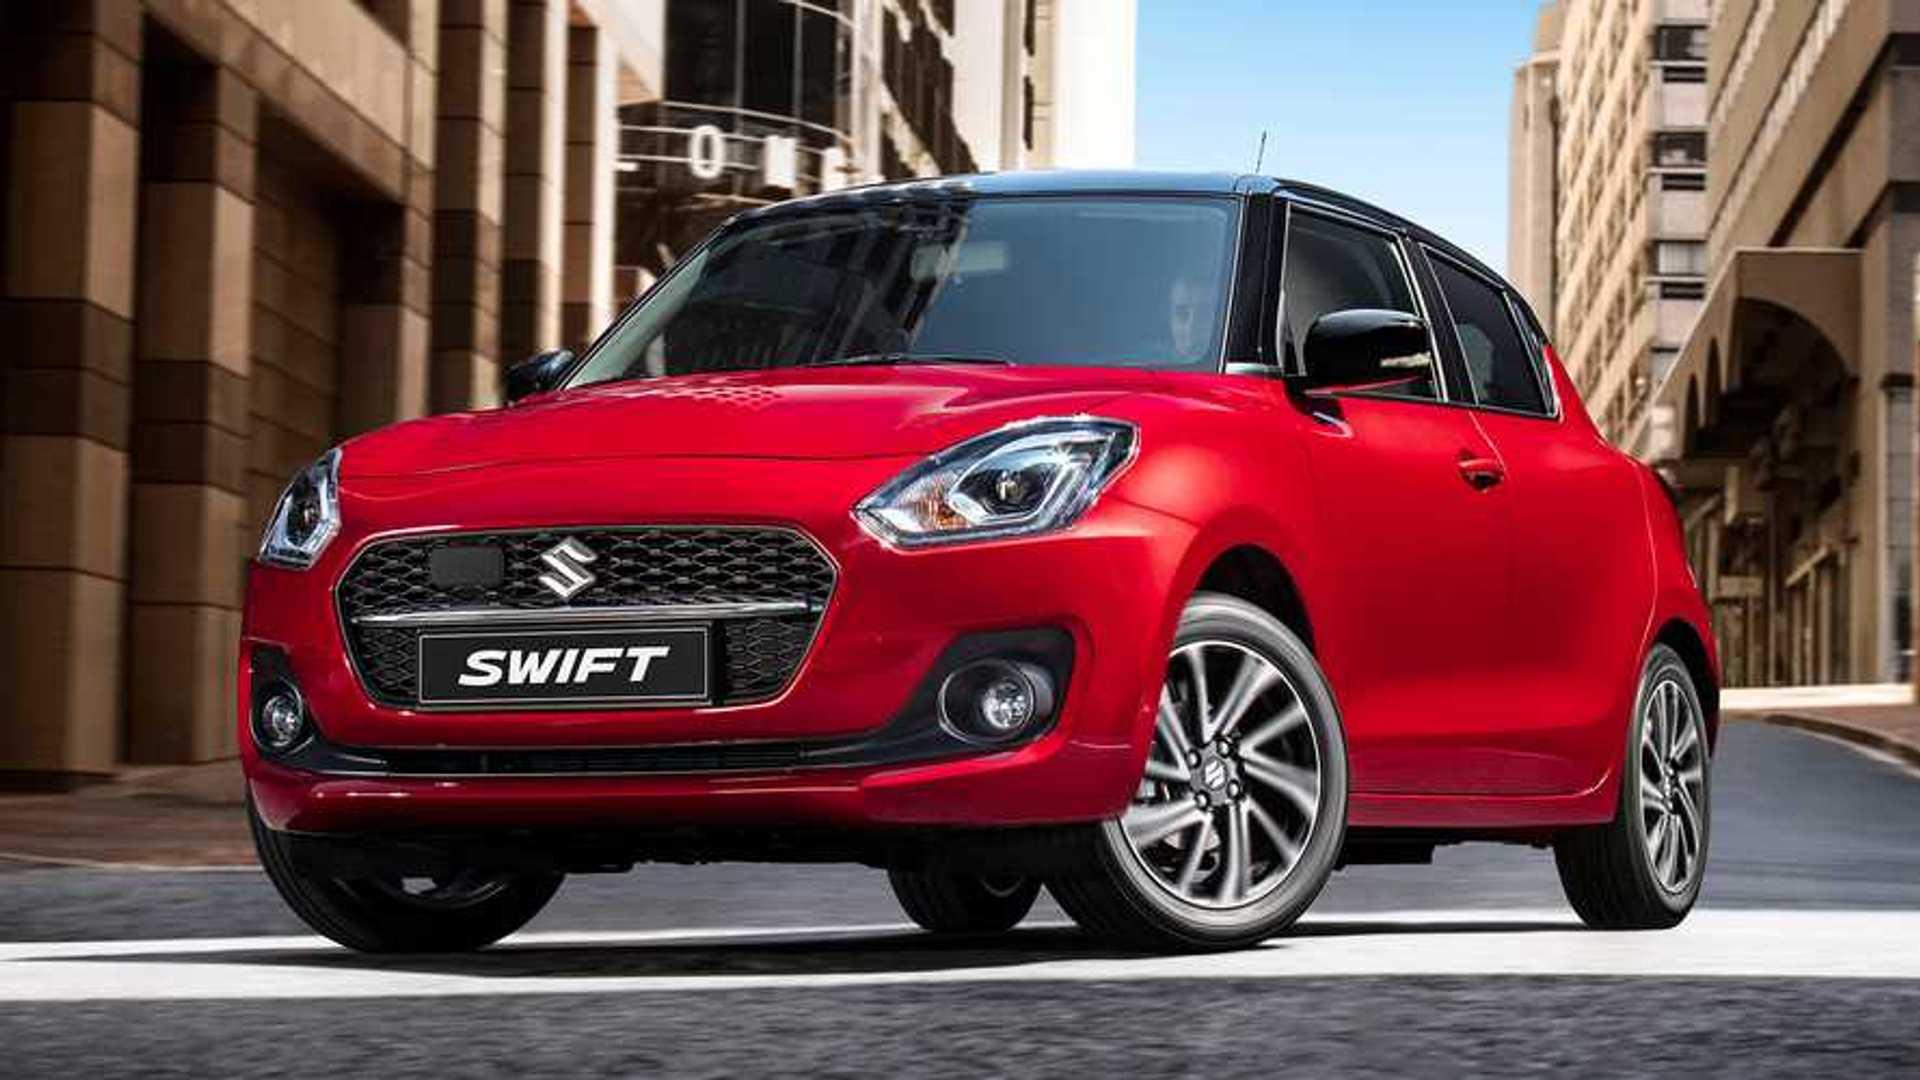 2020 Suzuki Swift Reviews